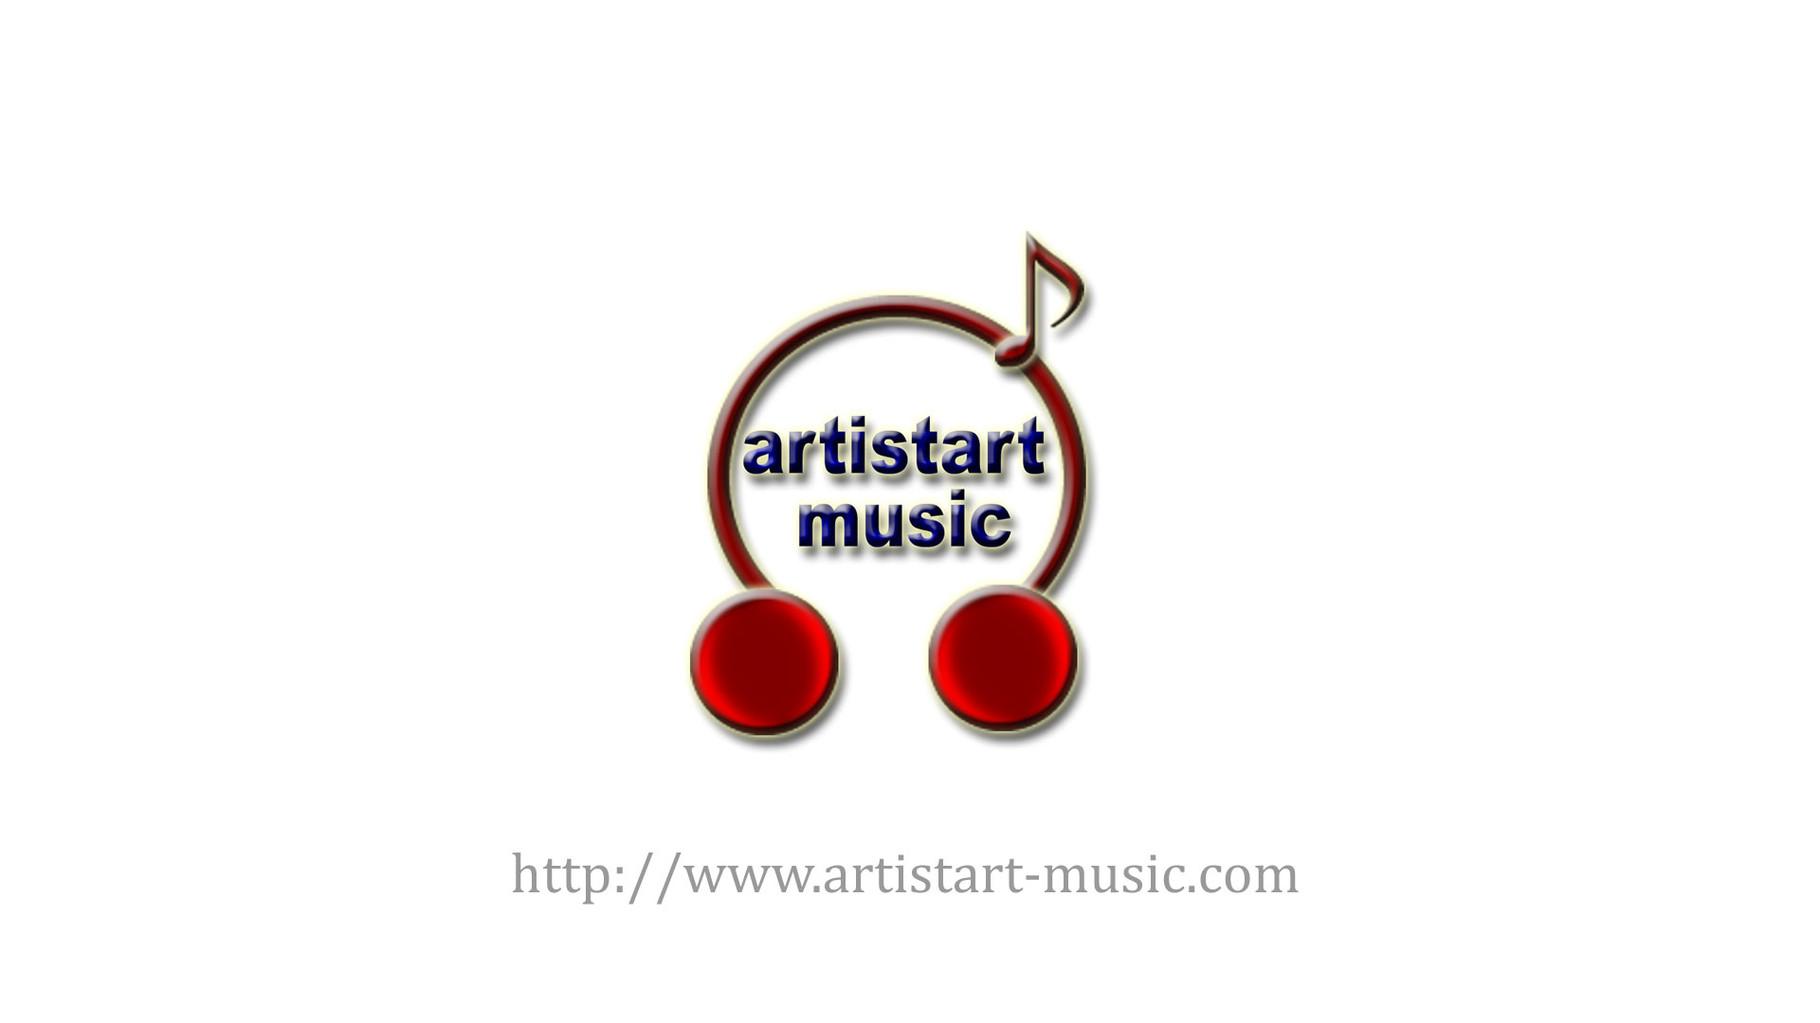 artistart music ci